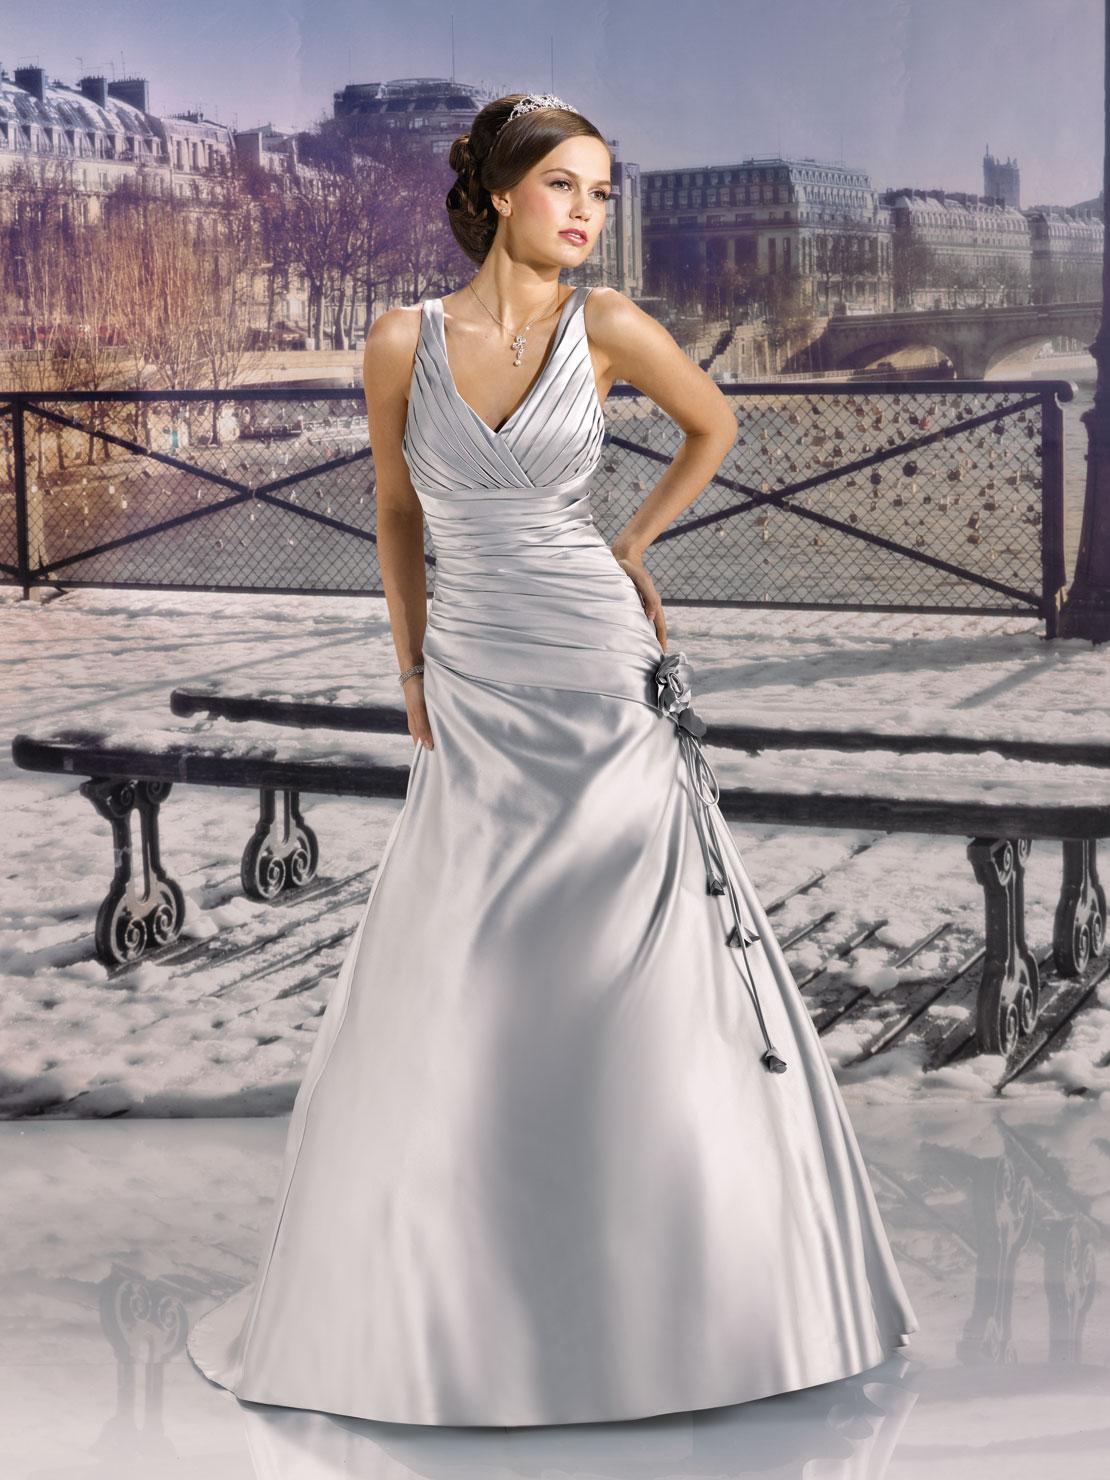 4 - Vestidos de Noiva Coloridos - Inspirações